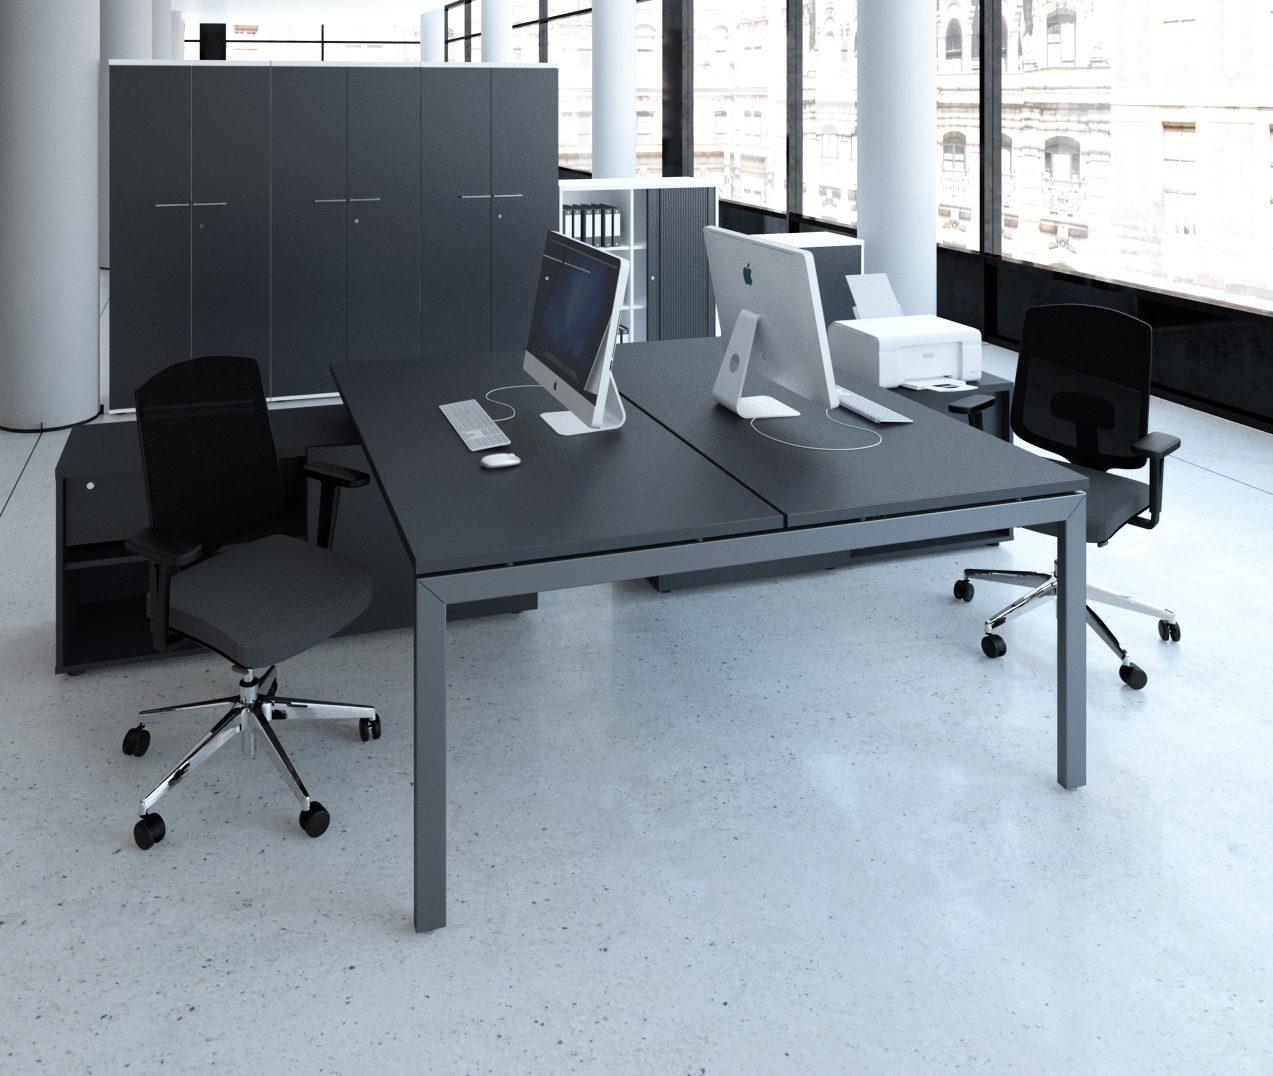 schreibtisch mit sideboards f r 2 personen b rom bel. Black Bedroom Furniture Sets. Home Design Ideas